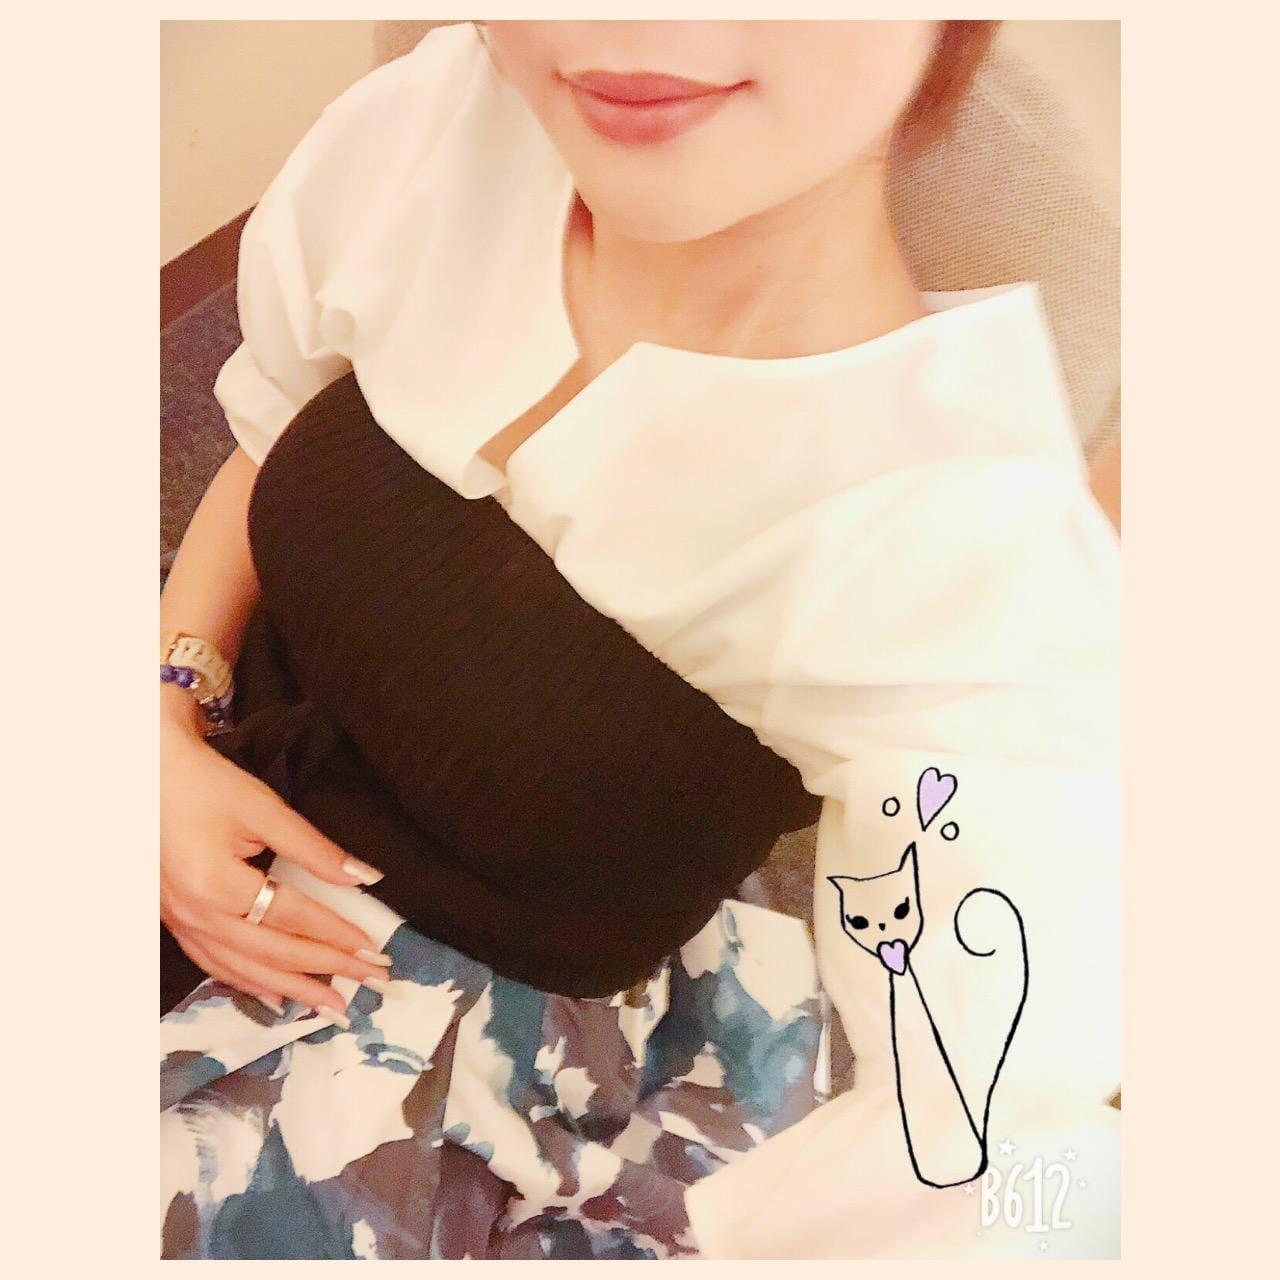 「ありがとう」07/23(月) 02:38 | 杏樹-あんじゅの写メ・風俗動画